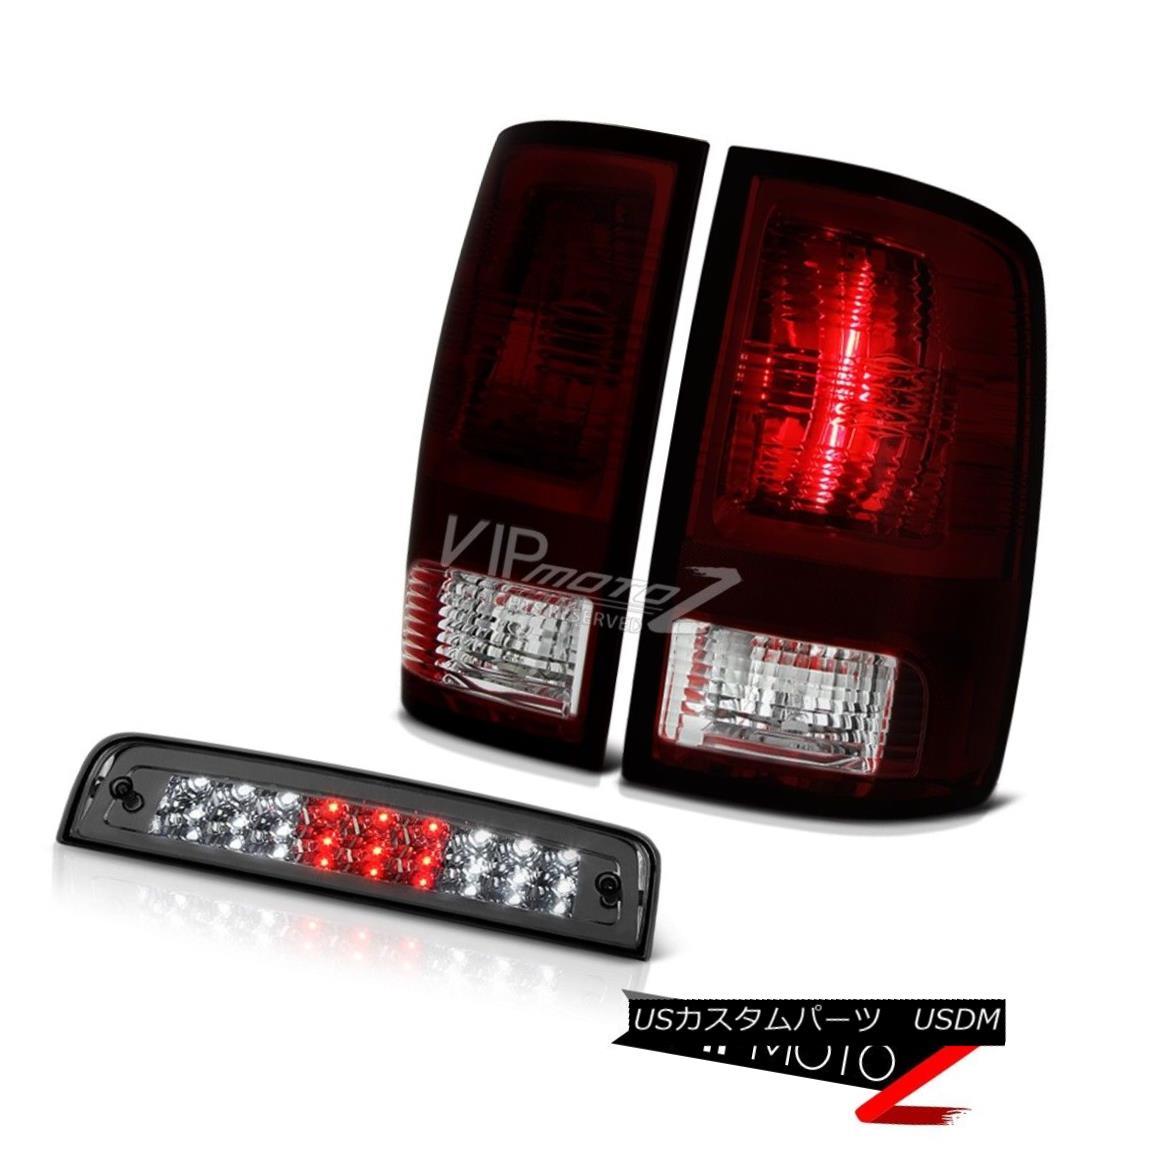 テールライト 09-18 Dodge Ram 1500 Big Horn Third Brake Light Smoked Red Tail Lights LED SMD 09-18ダッジラム1500ビッグホーンサードブレーキライトスモークレッドテールライトLED SMD